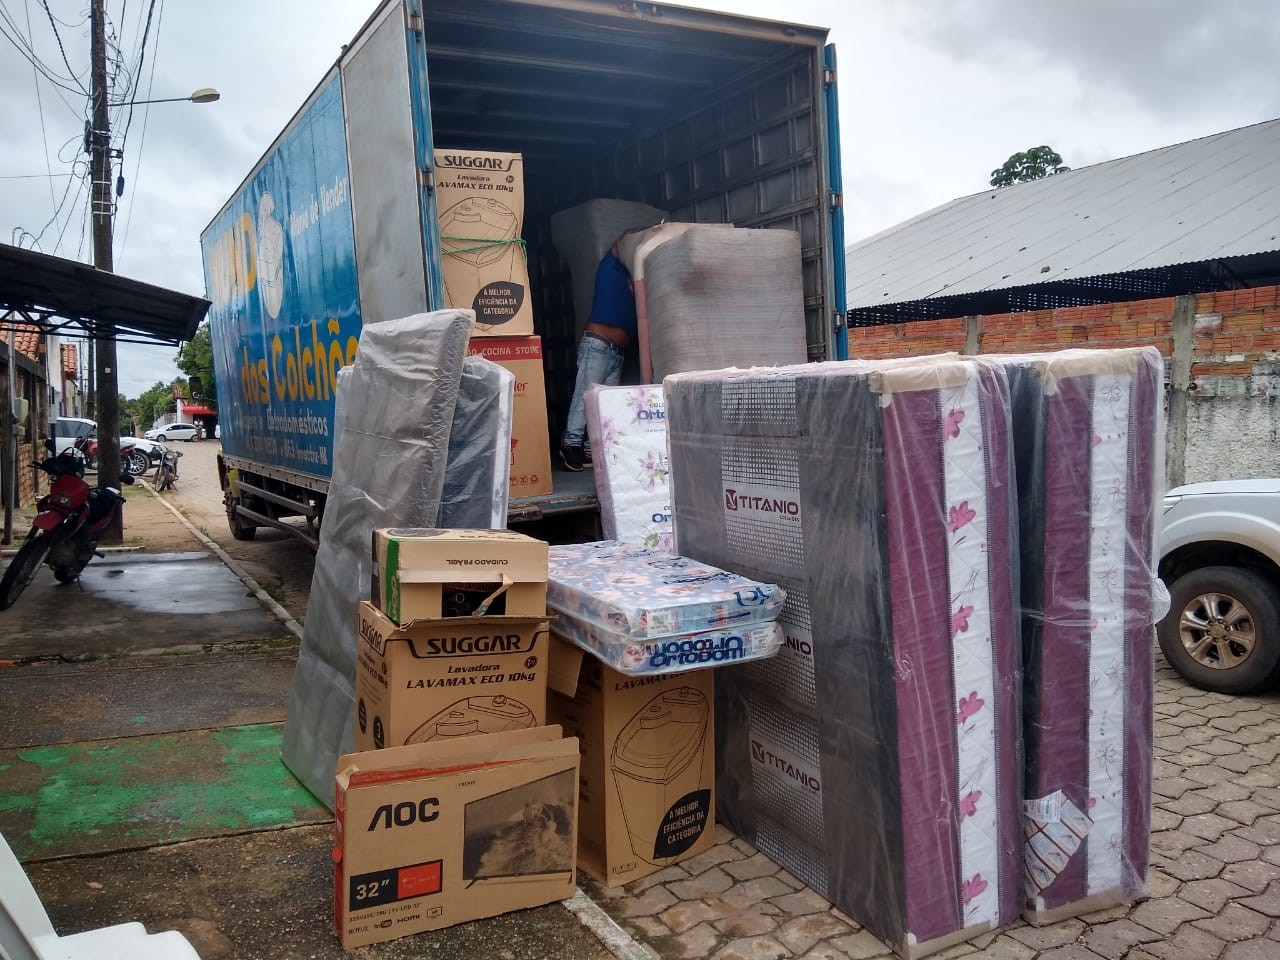 Polícia prende funcionários que desviavam mercadorias a clientes 'fantasmas' no MA